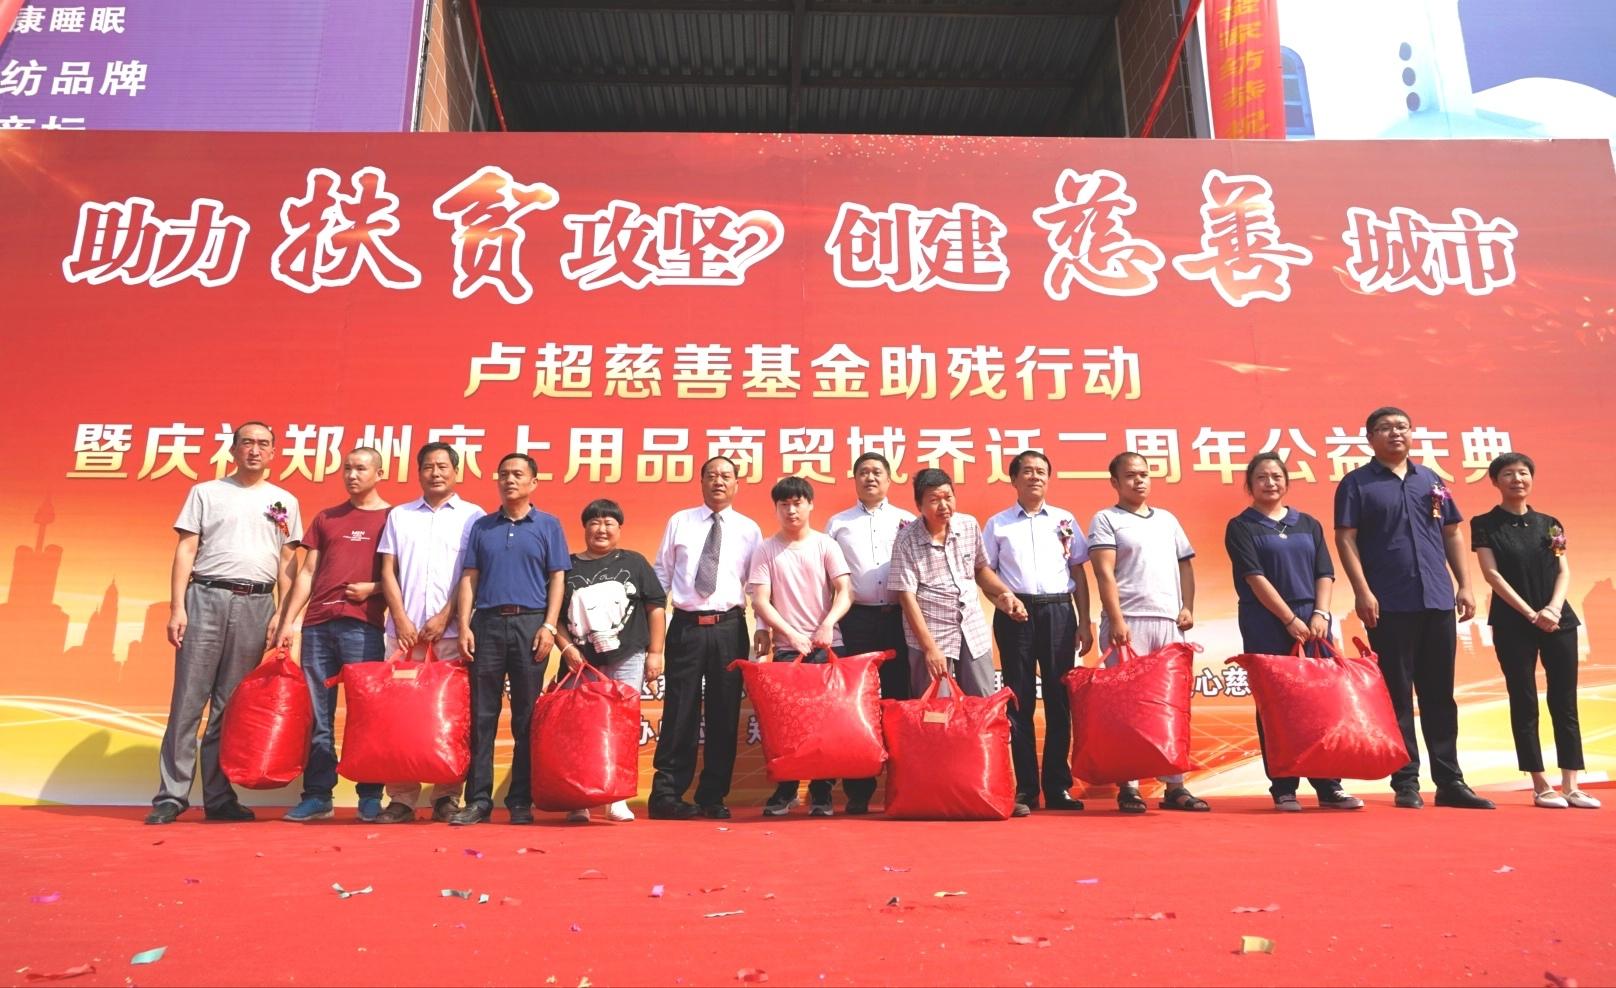 善意庆典:郑州床上用品商贸城2周年  卢超慈善基金捐60万